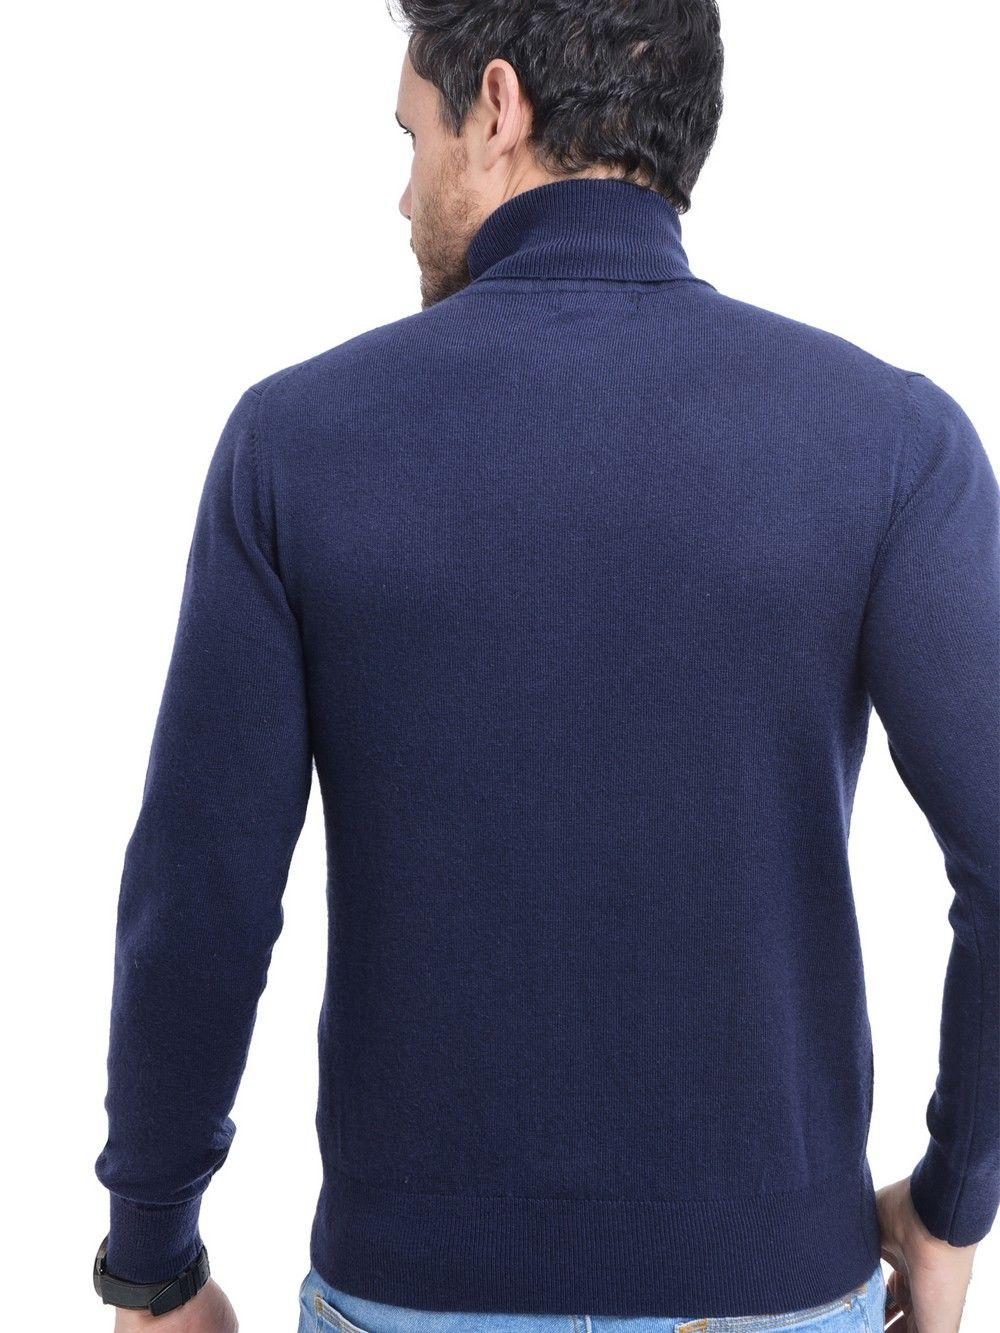 C&JO Turtleneck Sweater in Navy